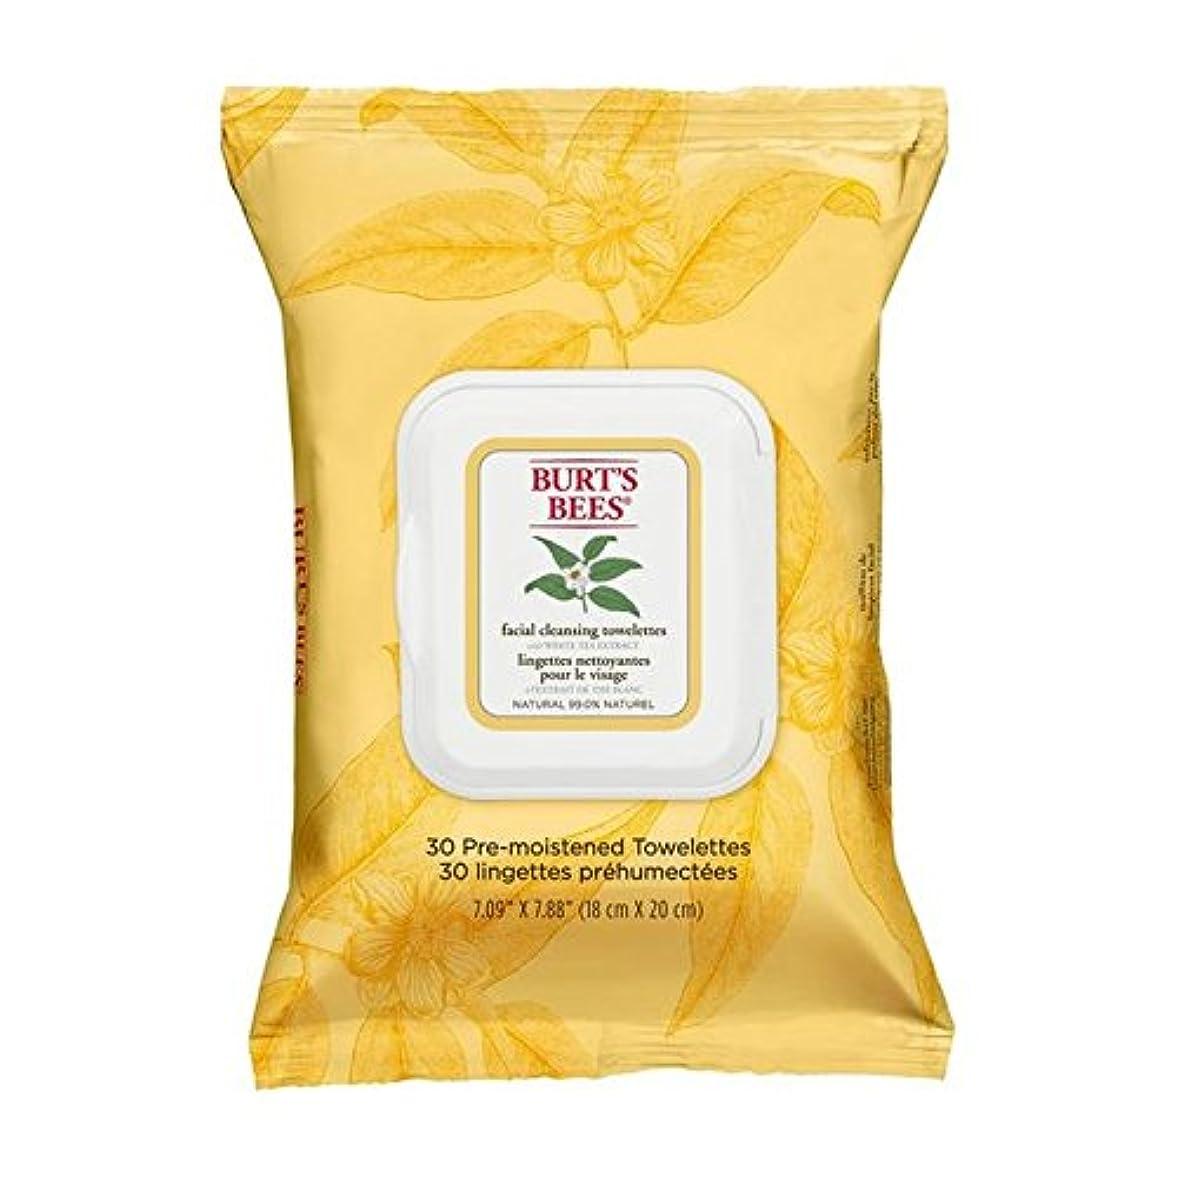 レジバルーン販売計画ホワイトティーエキスとバーツビー洗顔ペーパータオル x2 - Burt's Bees Facial Cleansing Towelettes with White Tea Extract (Pack of 2) [並行輸入品]